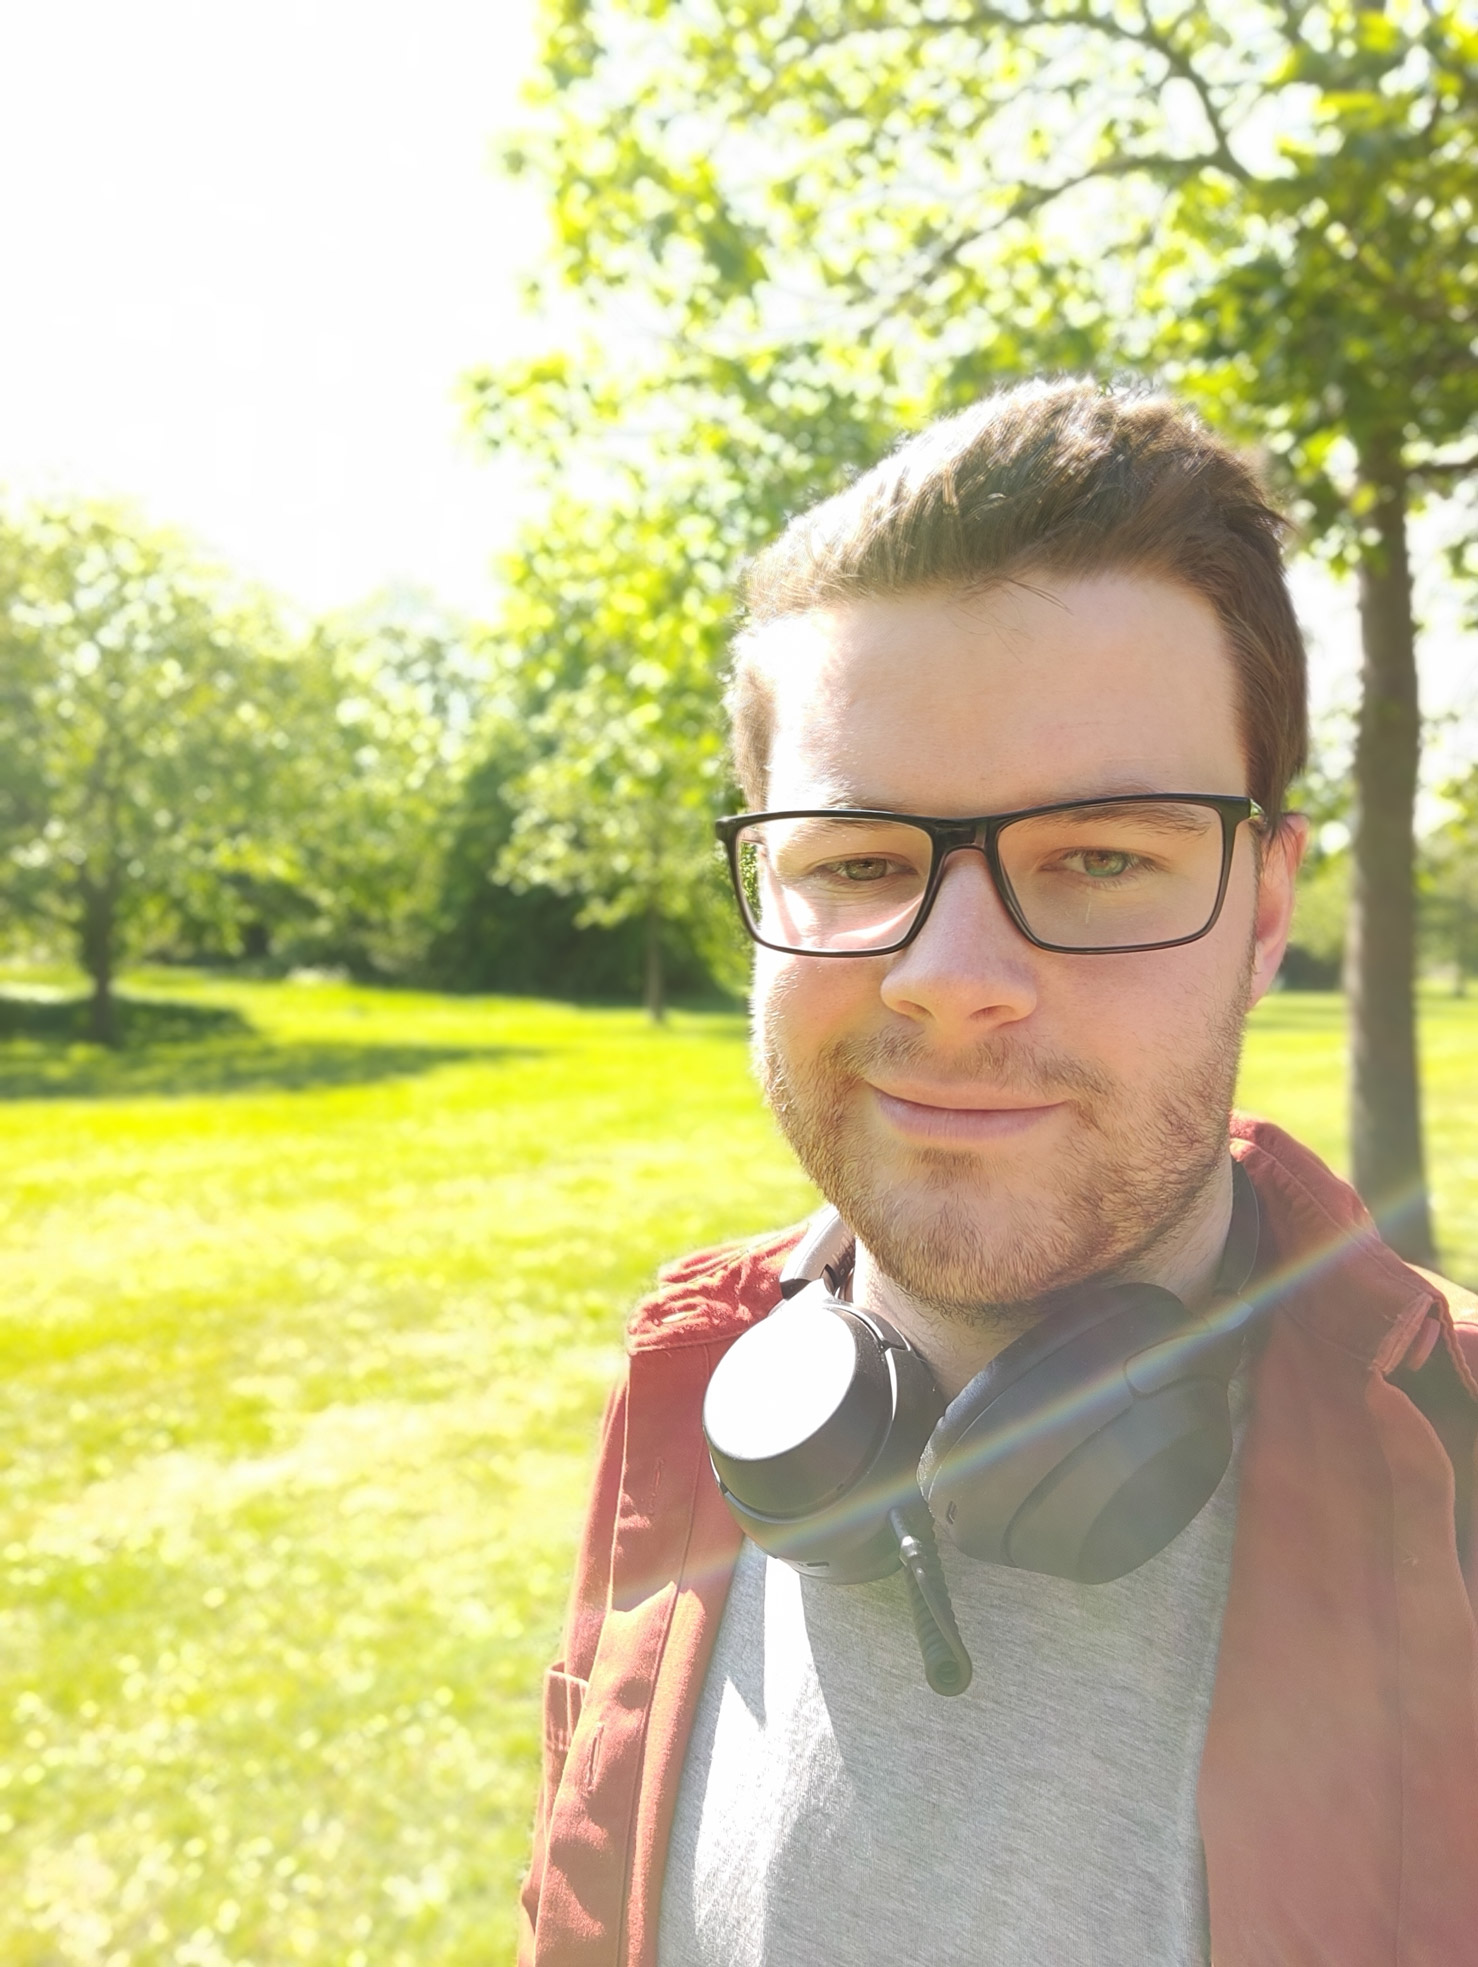 A selfie in Portrait mode